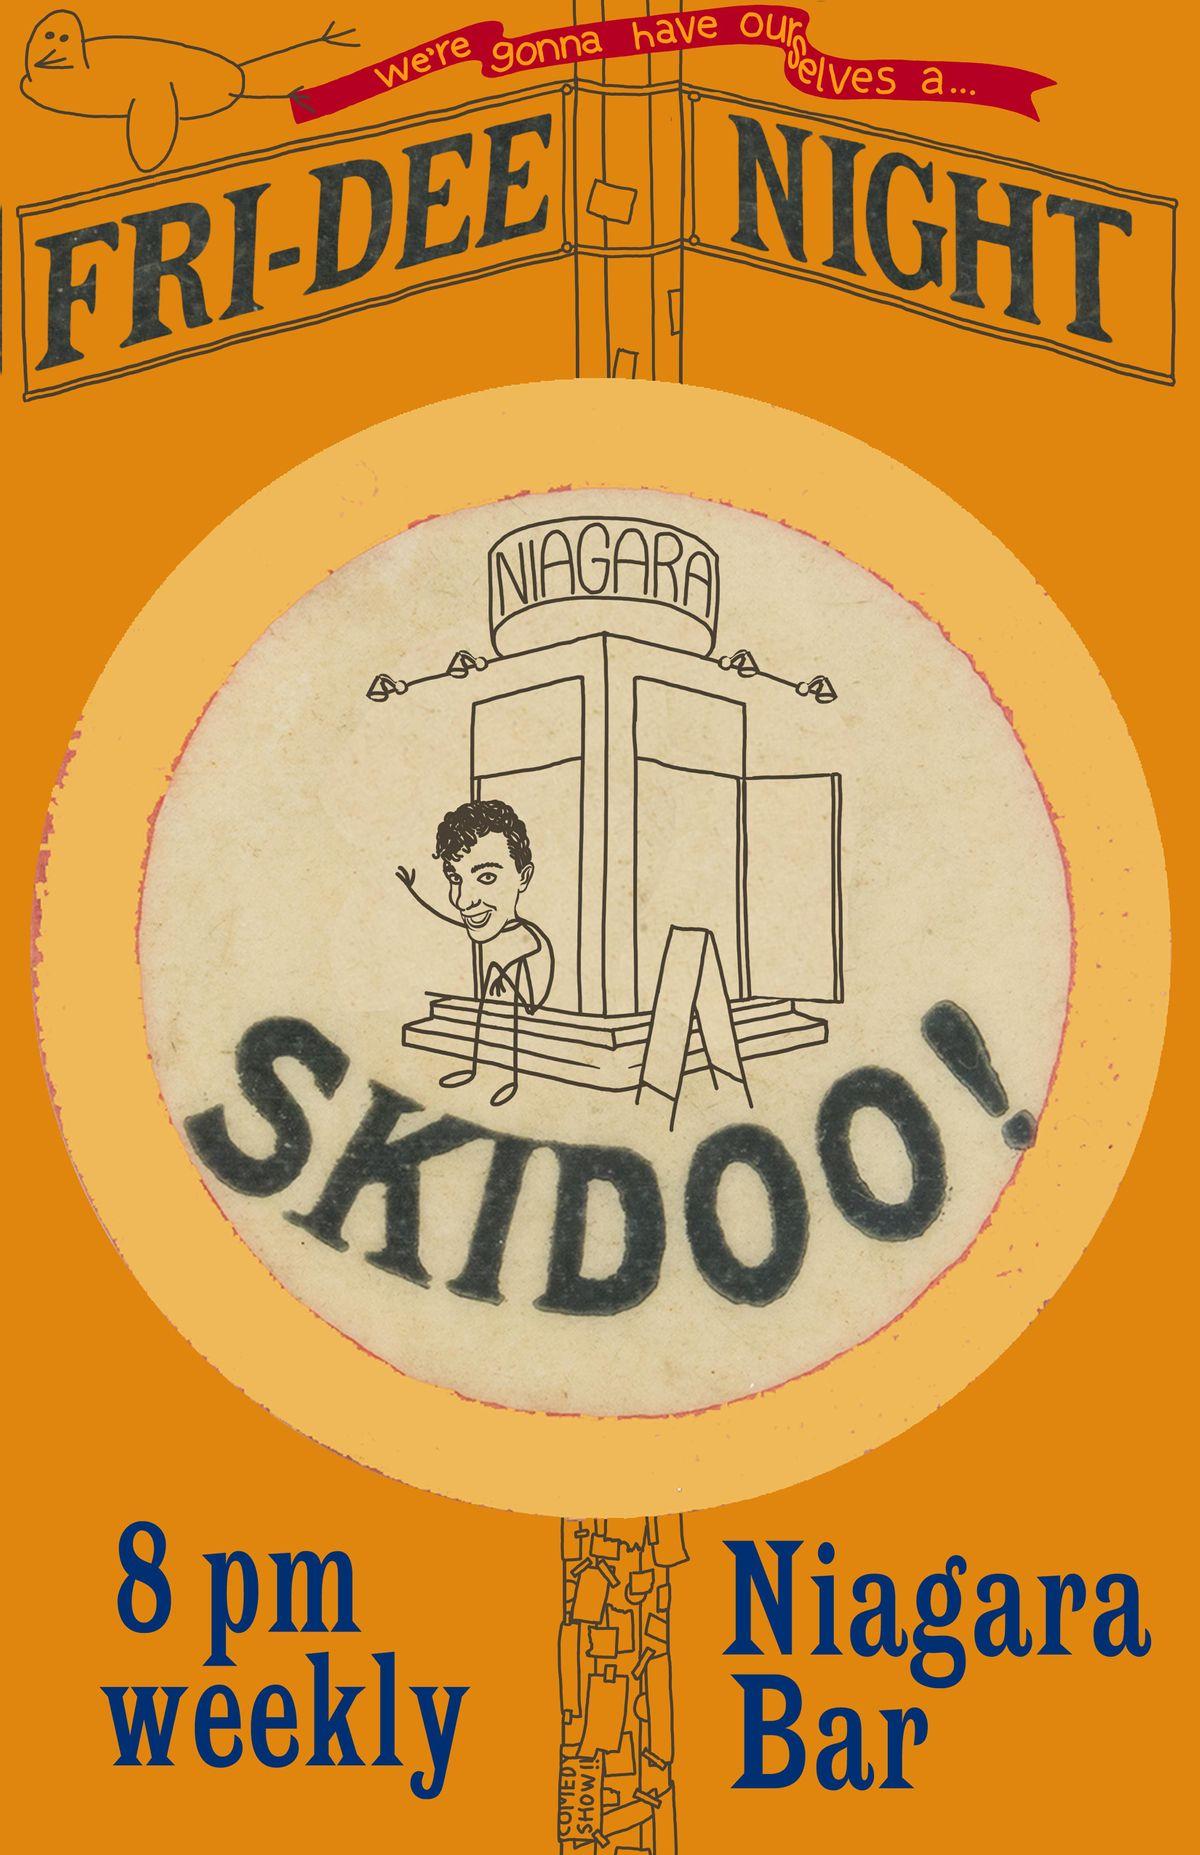 Fri-Dee Night Skidoo!, 5 November   Event in New York   AllEvents.in